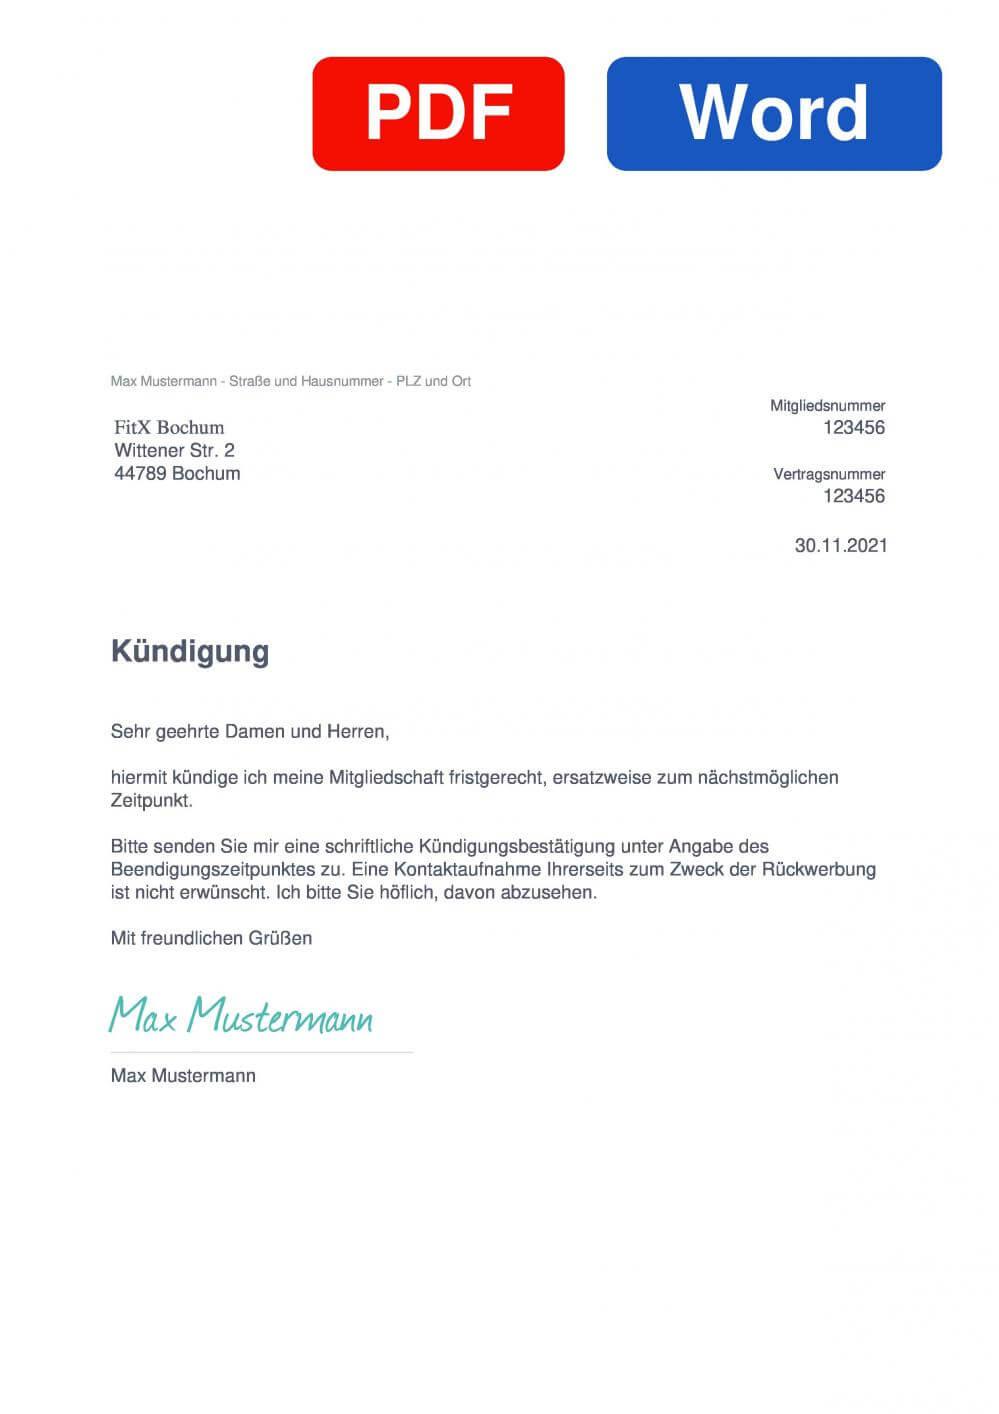 FitX Bochum Muster Vorlage für Kündigungsschreiben